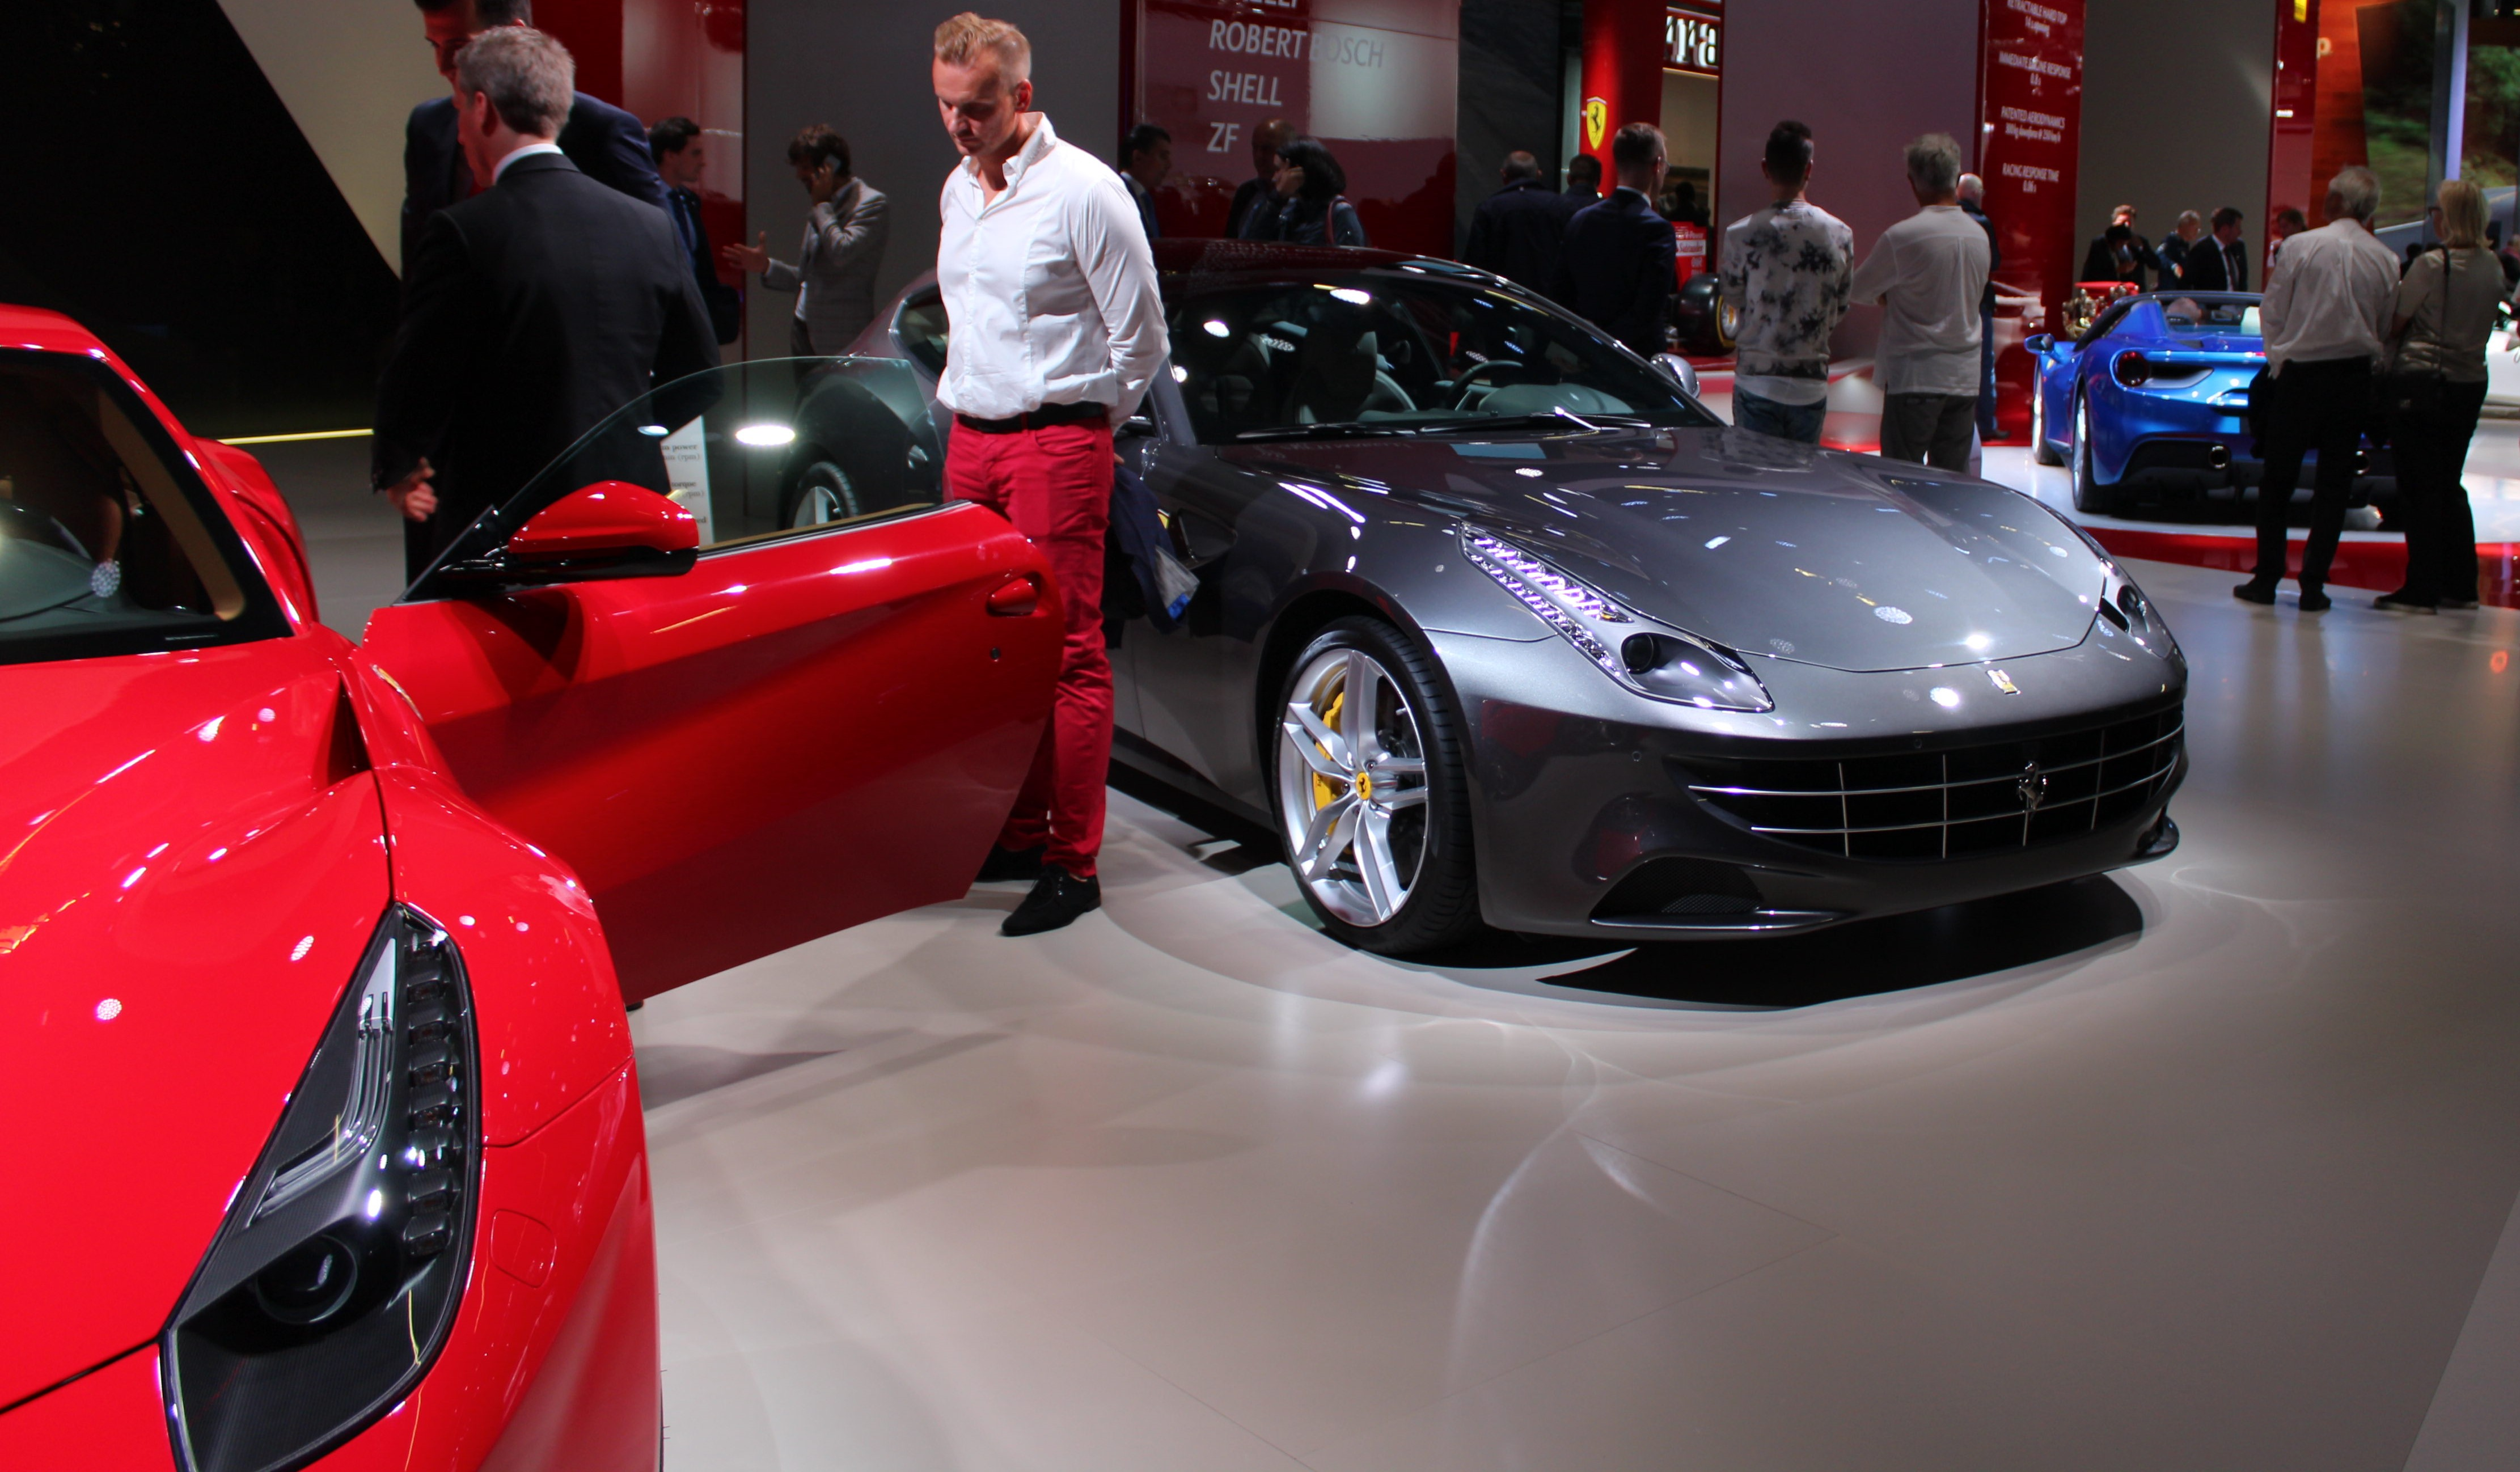 Effektstinna superbilar i Ferrarimontern. På bilden (från vänster) syns toppmodellen F12 Berlinetta, fyrsitsiga FF och i bakgrunden nya 488 Spider. Här har vi världens bästa sportbilar.